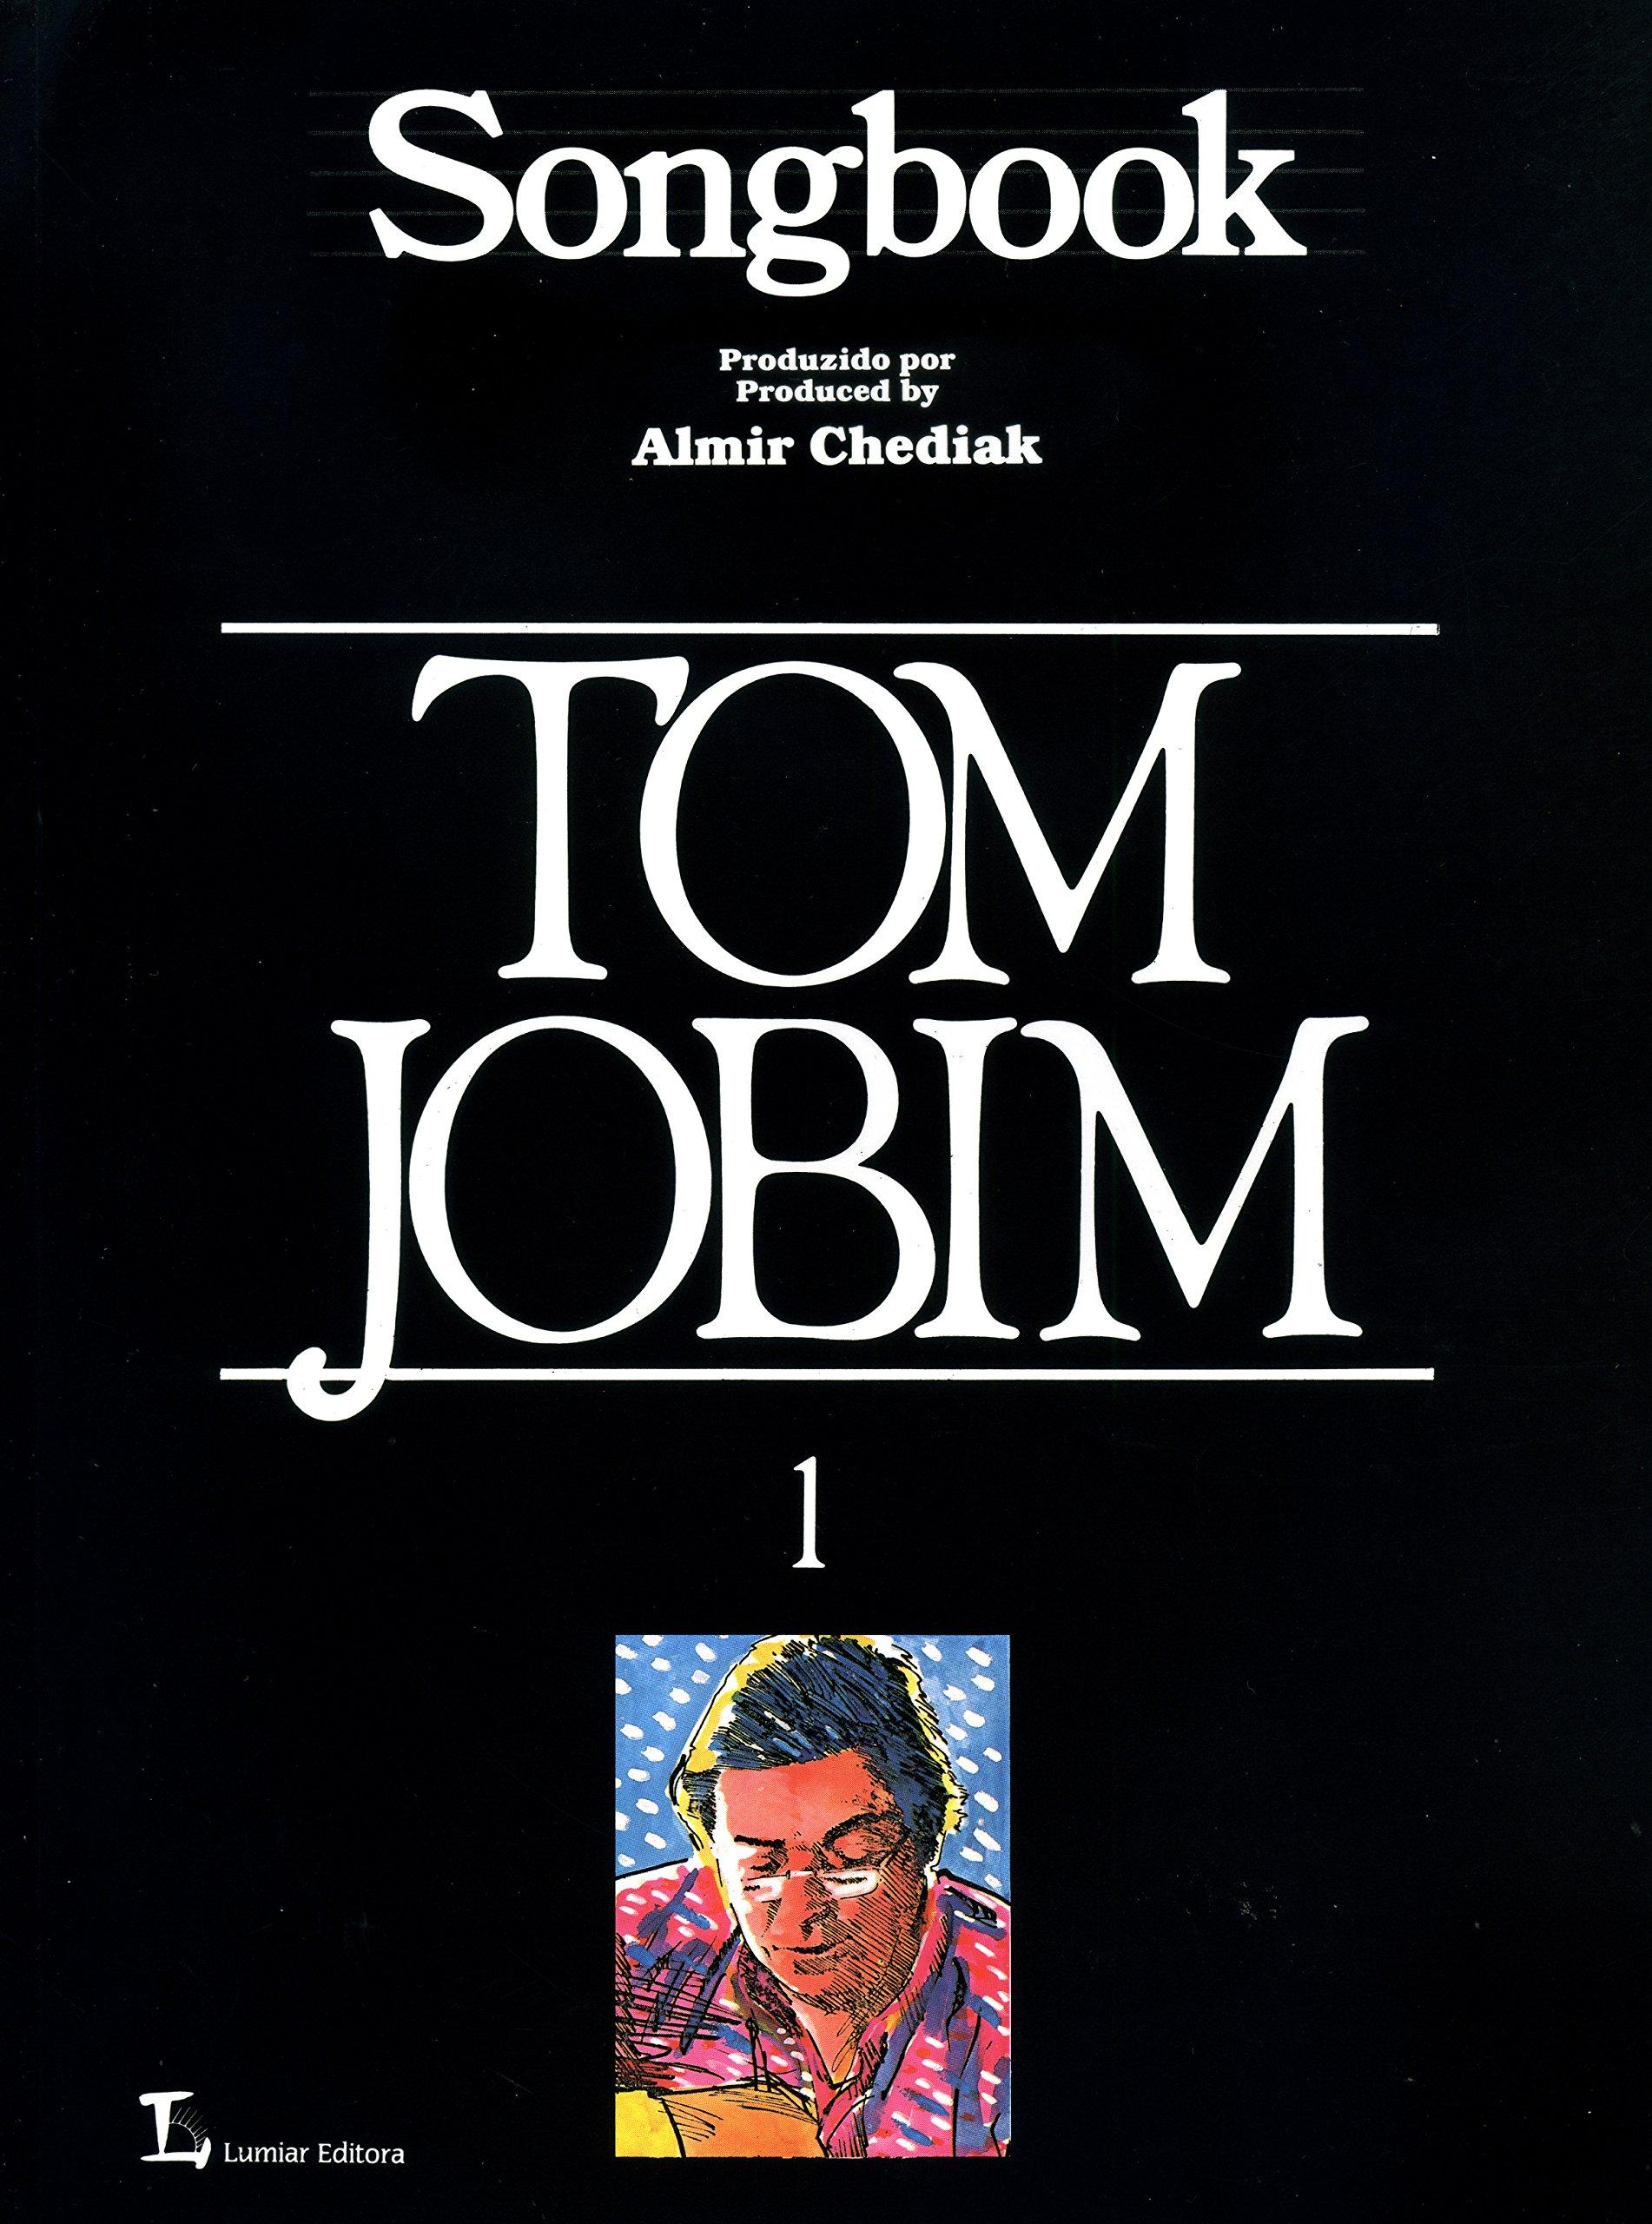 tom jobim songbook almir chediak